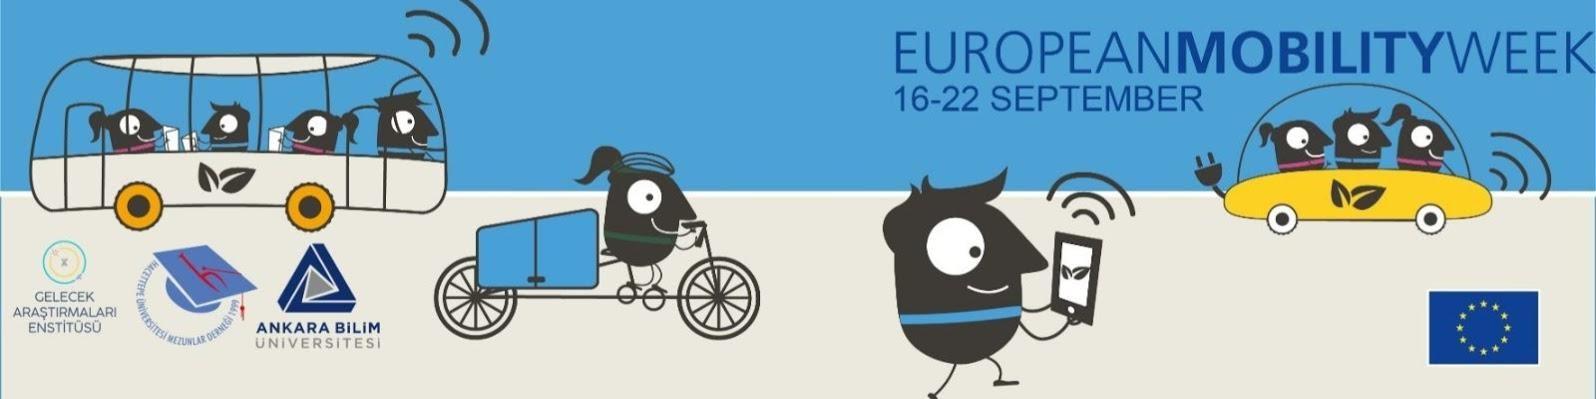 Avrupa Hareketlilik Haftası Hikaye Yarışması